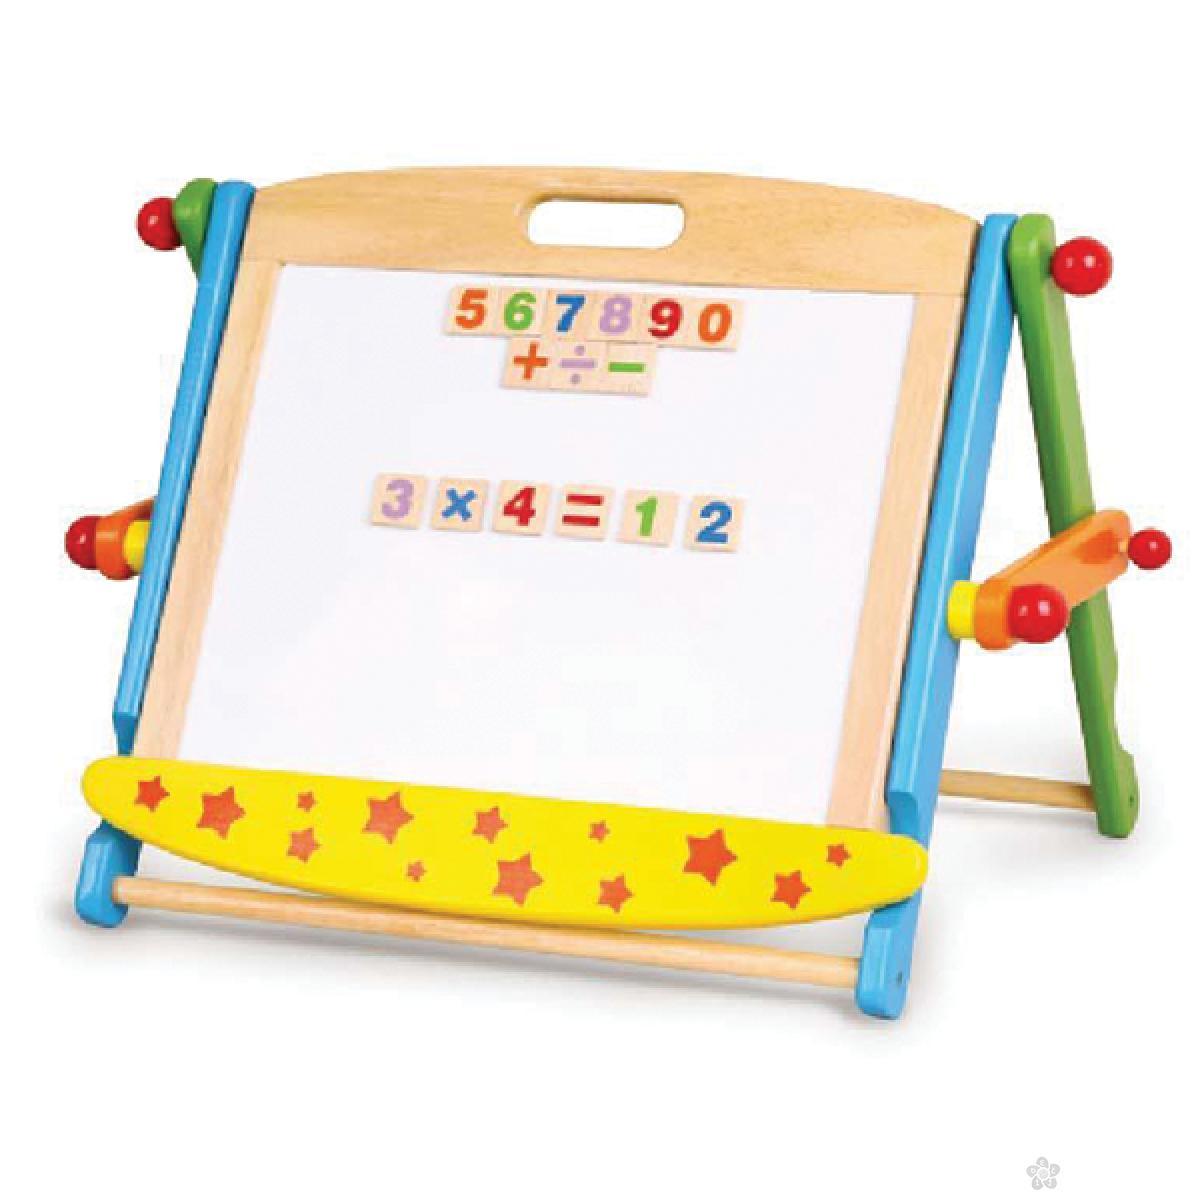 Magnetna tabla sa brojevima